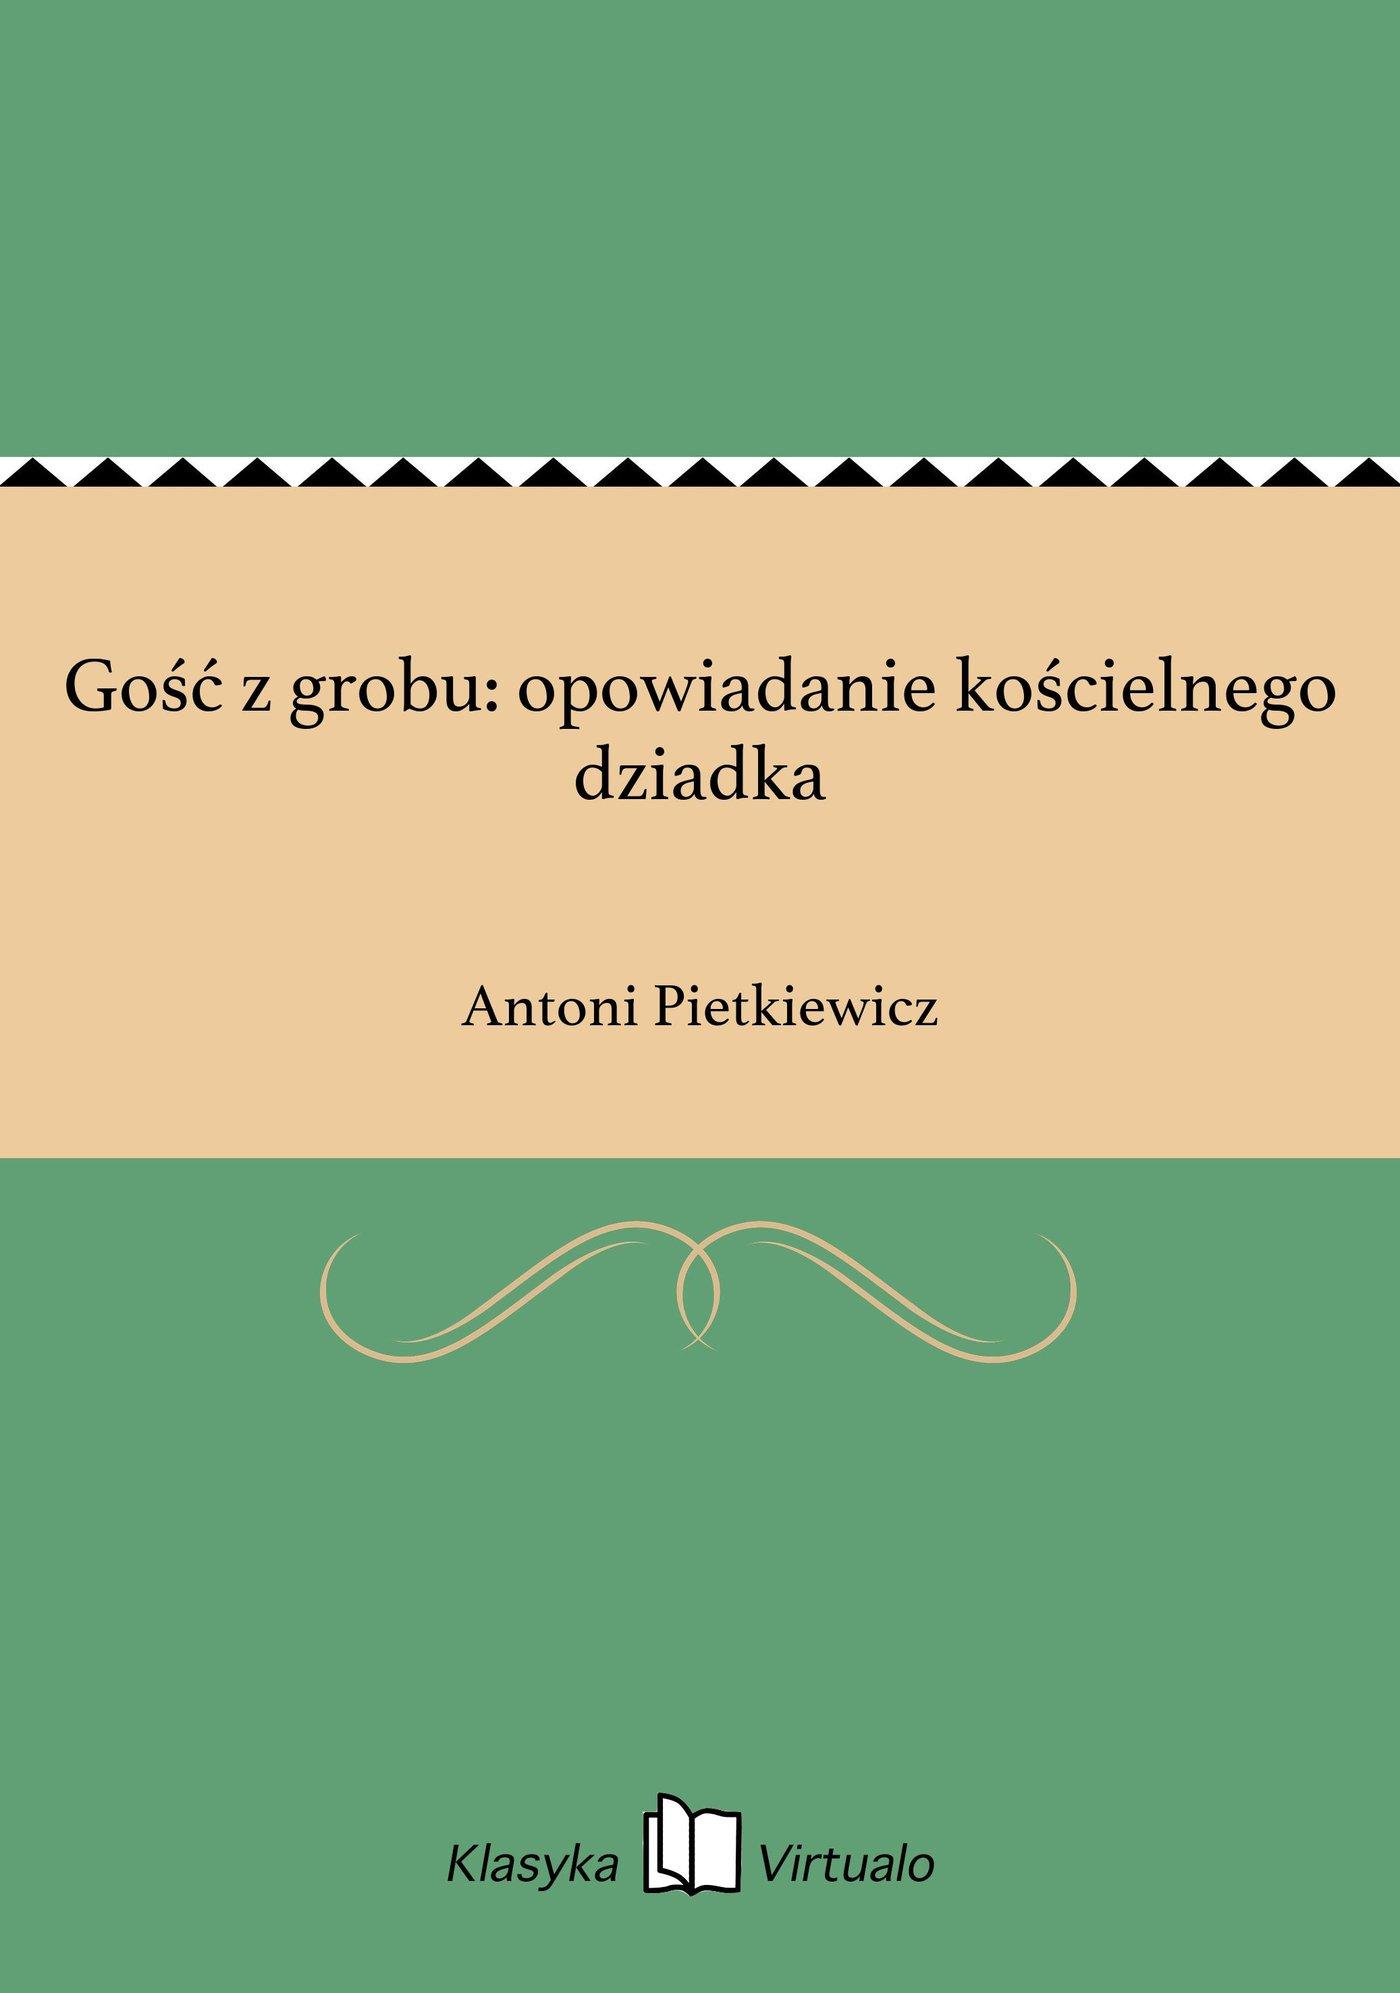 Gość z grobu: opowiadanie kościelnego dziadka - Ebook (Książka EPUB) do pobrania w formacie EPUB